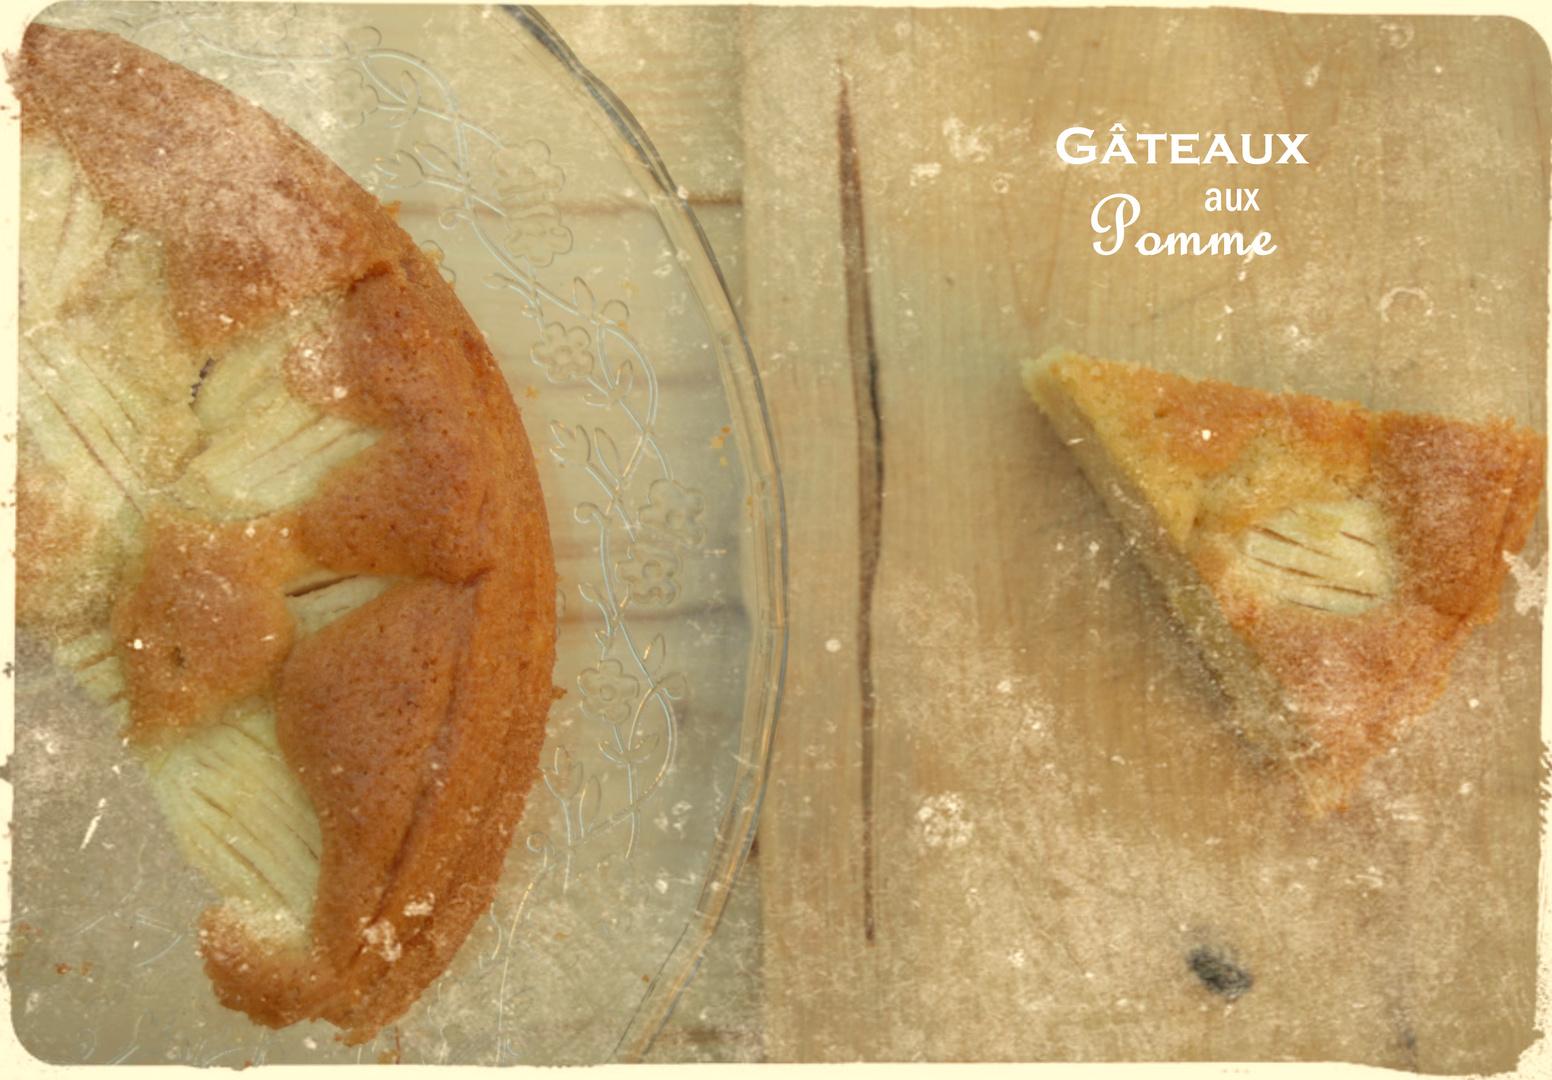 Gâteaux aux Pomme